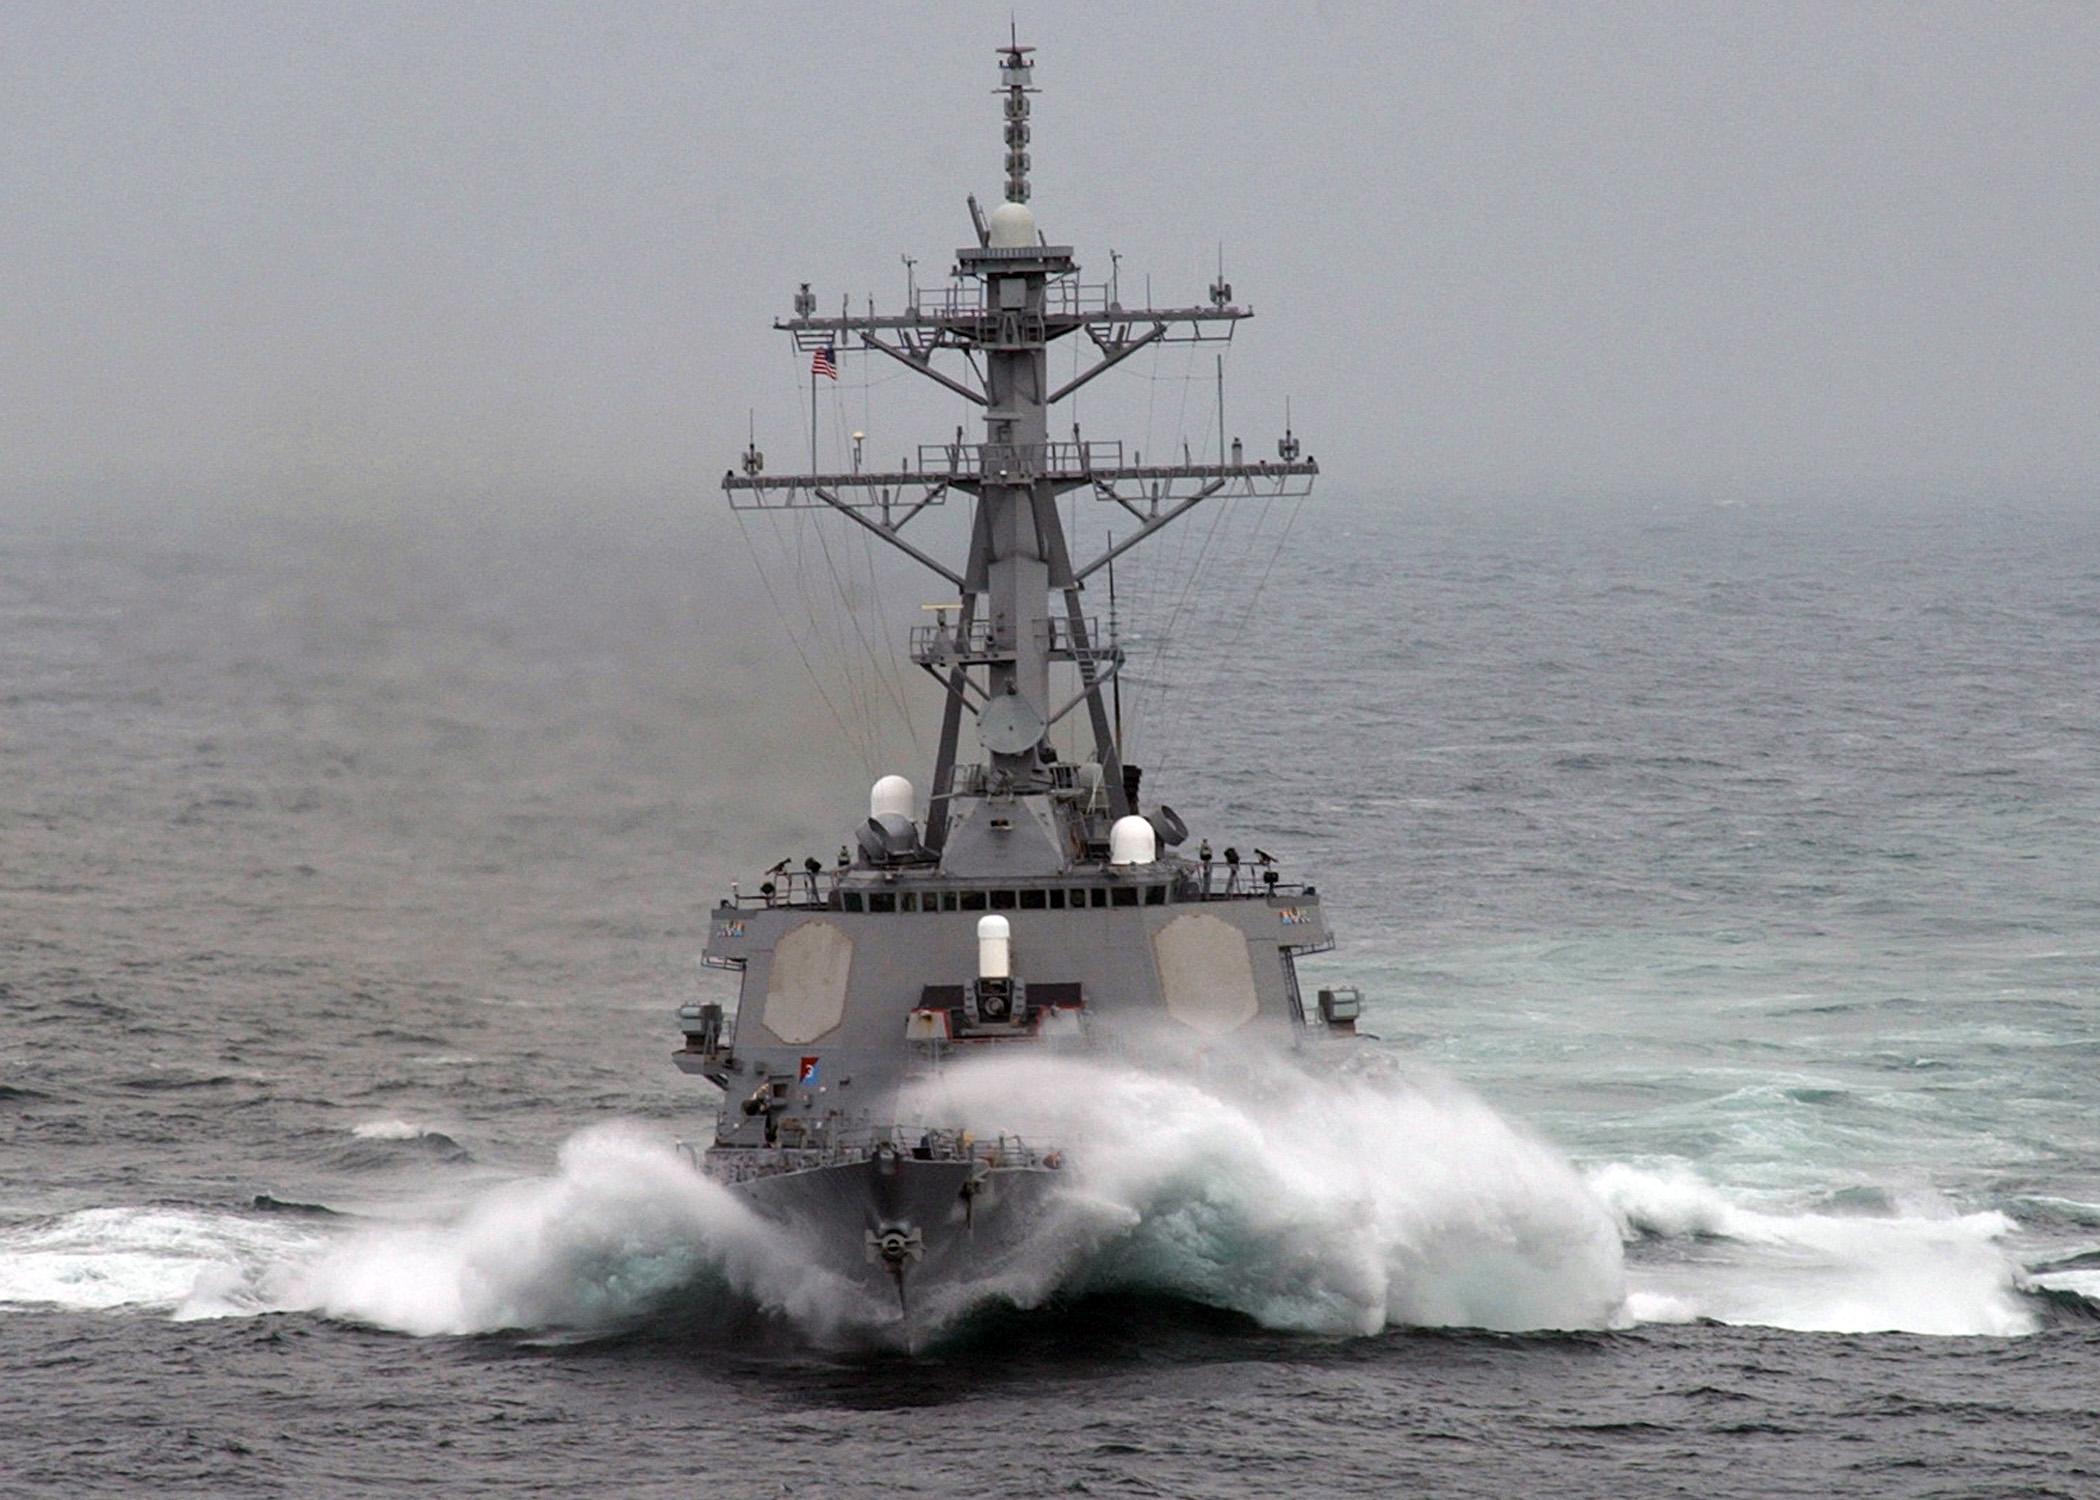 navy rough seas wallpaper - photo #4